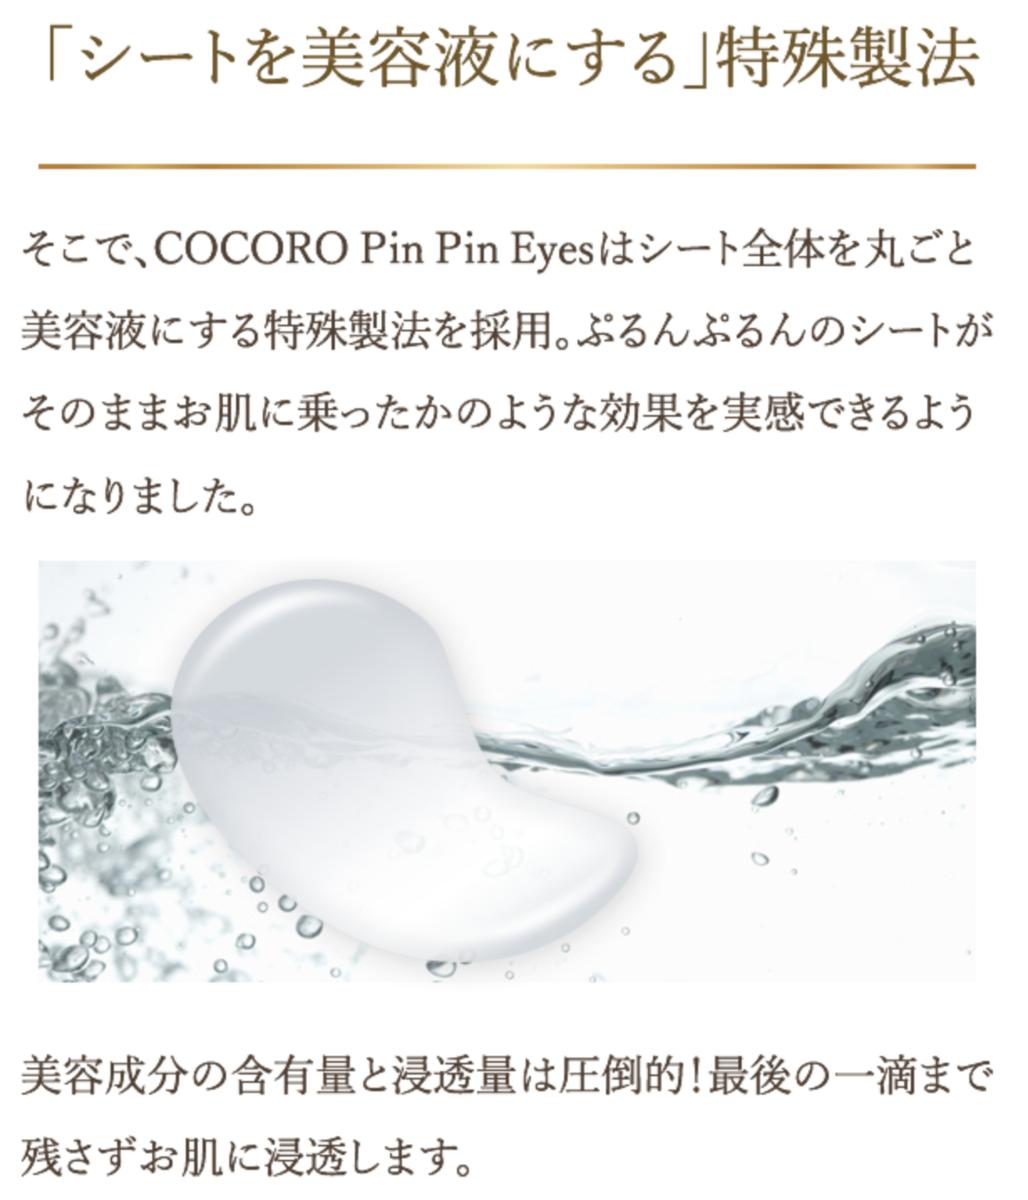 f:id:yuzubaferret:20200424124201p:plain